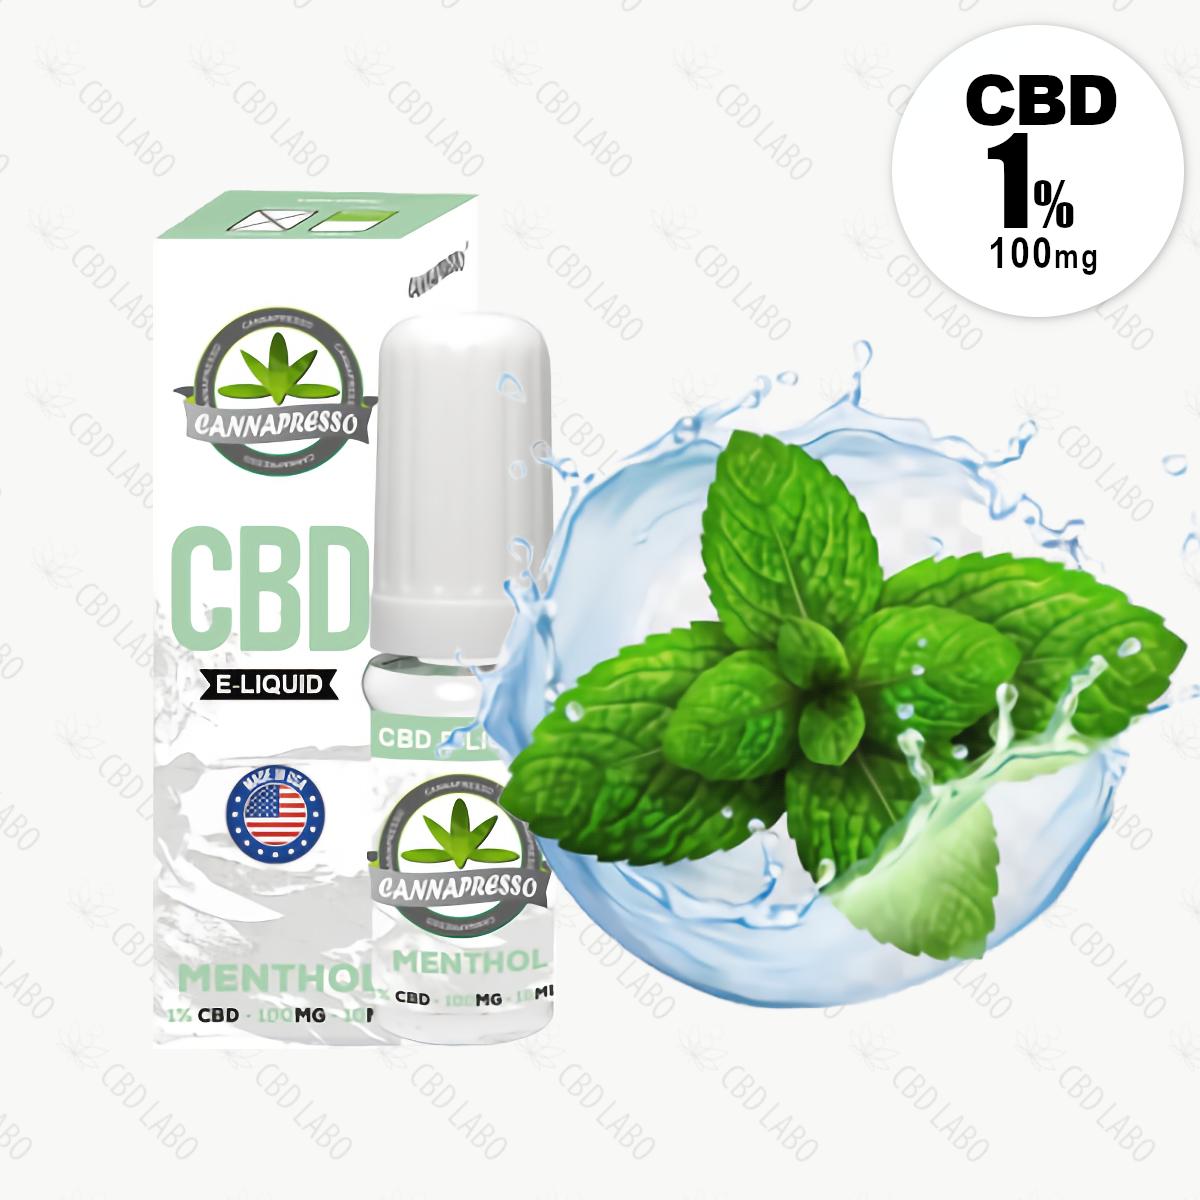 【送料無料】CANNAPRESSO CBDリキッド メンソール 10ml CBD含有量100mg (1%)